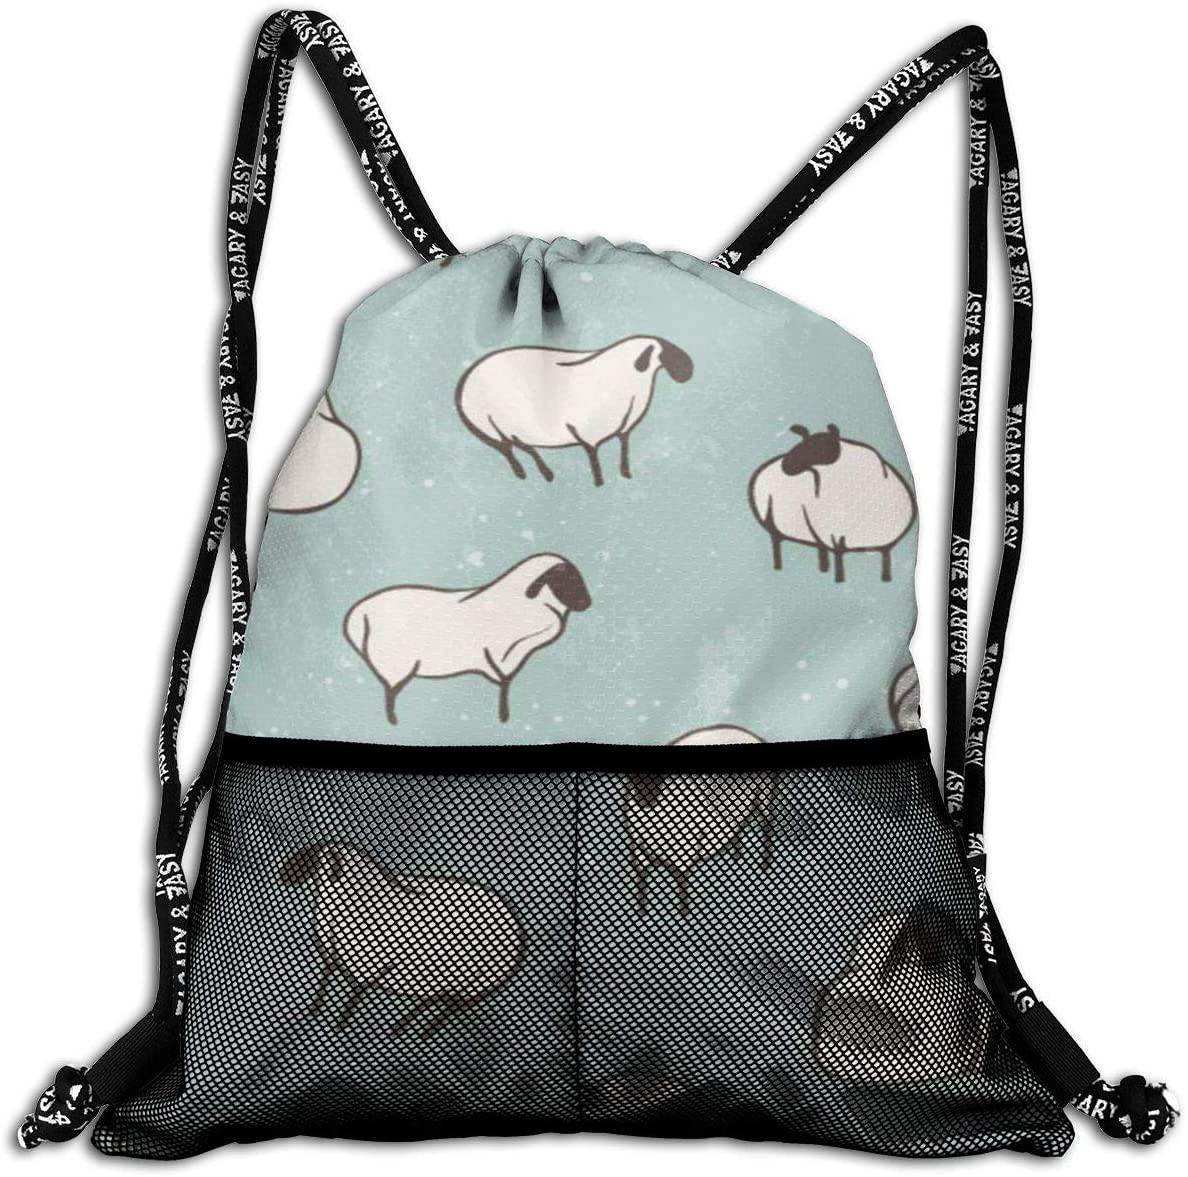 Fashion Drawstring Bag-Goat Sheep Print Print Gym Backpack Sport Storage Bag Bundle Backpack for Adult Kids